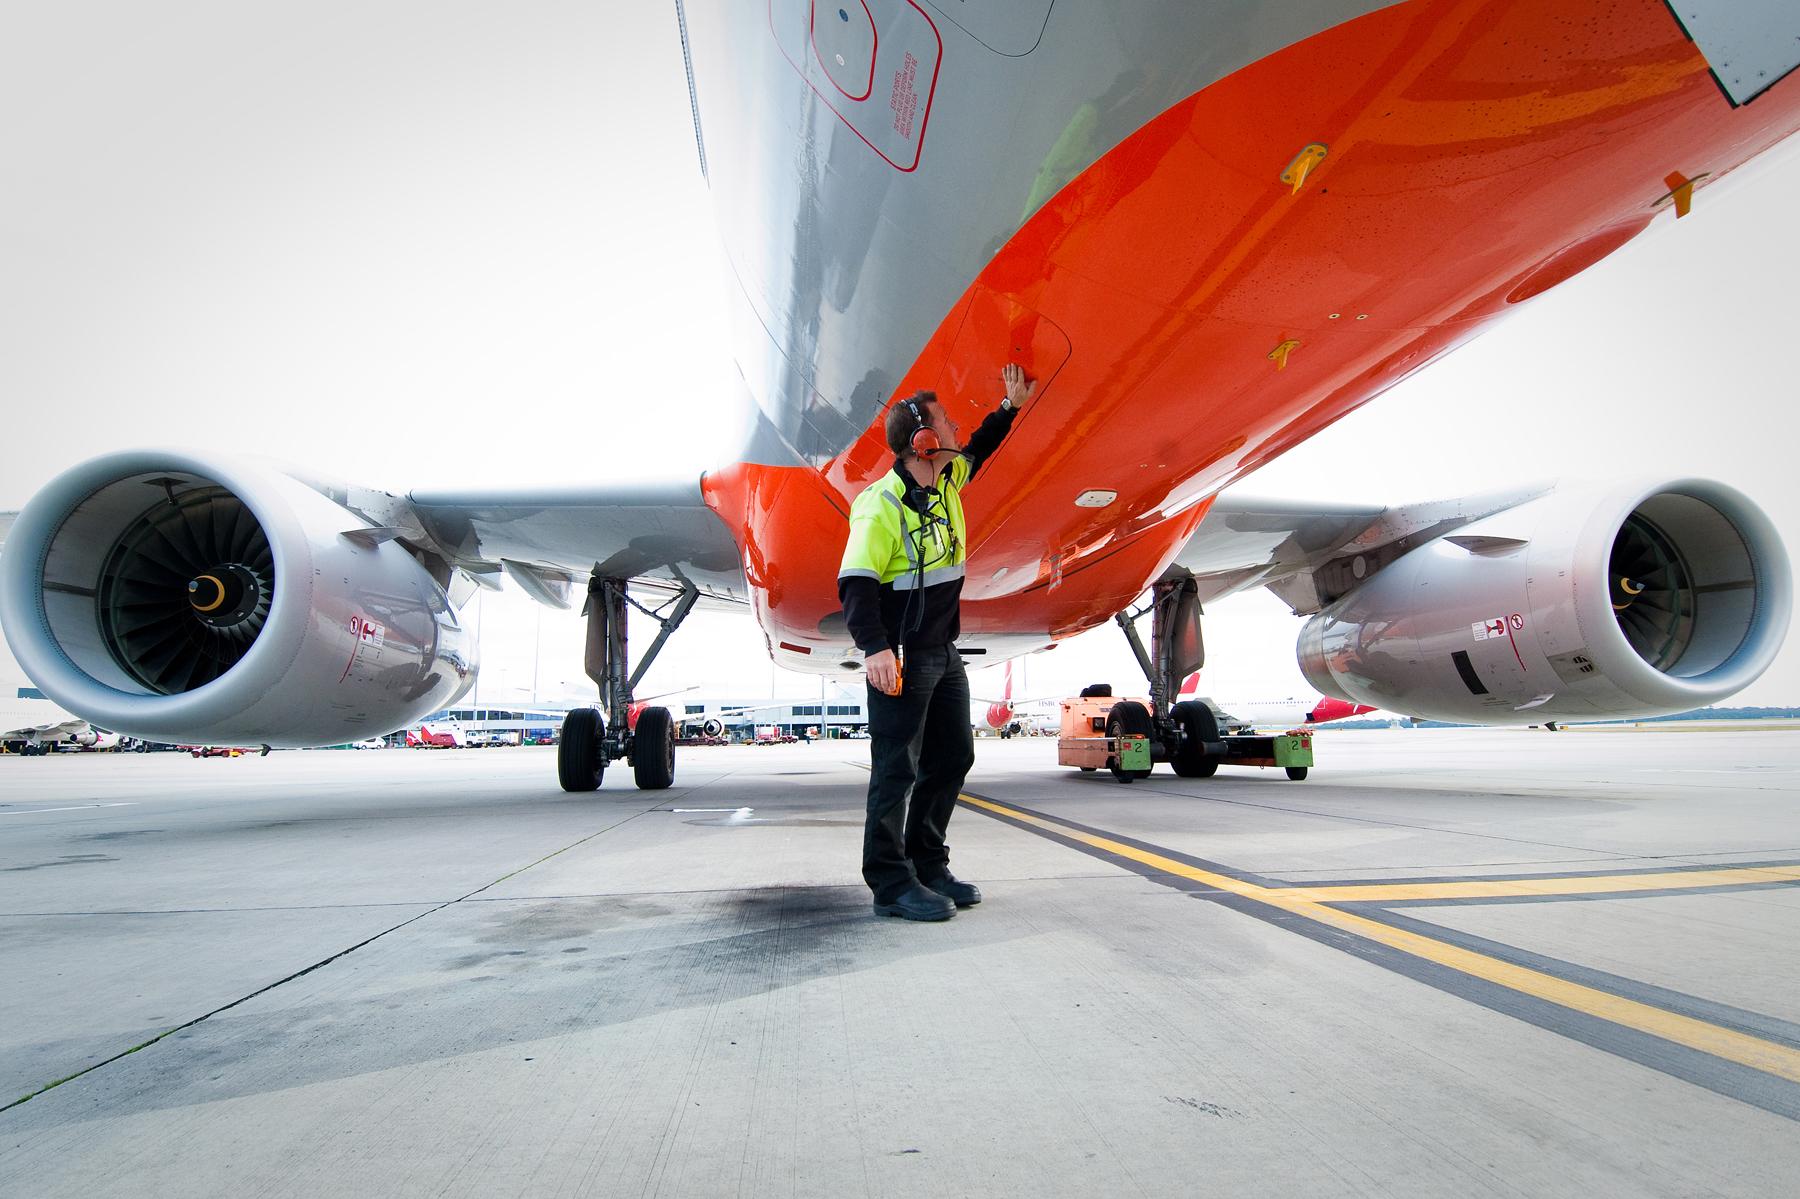 Ground staff directing a Jetstar plane.